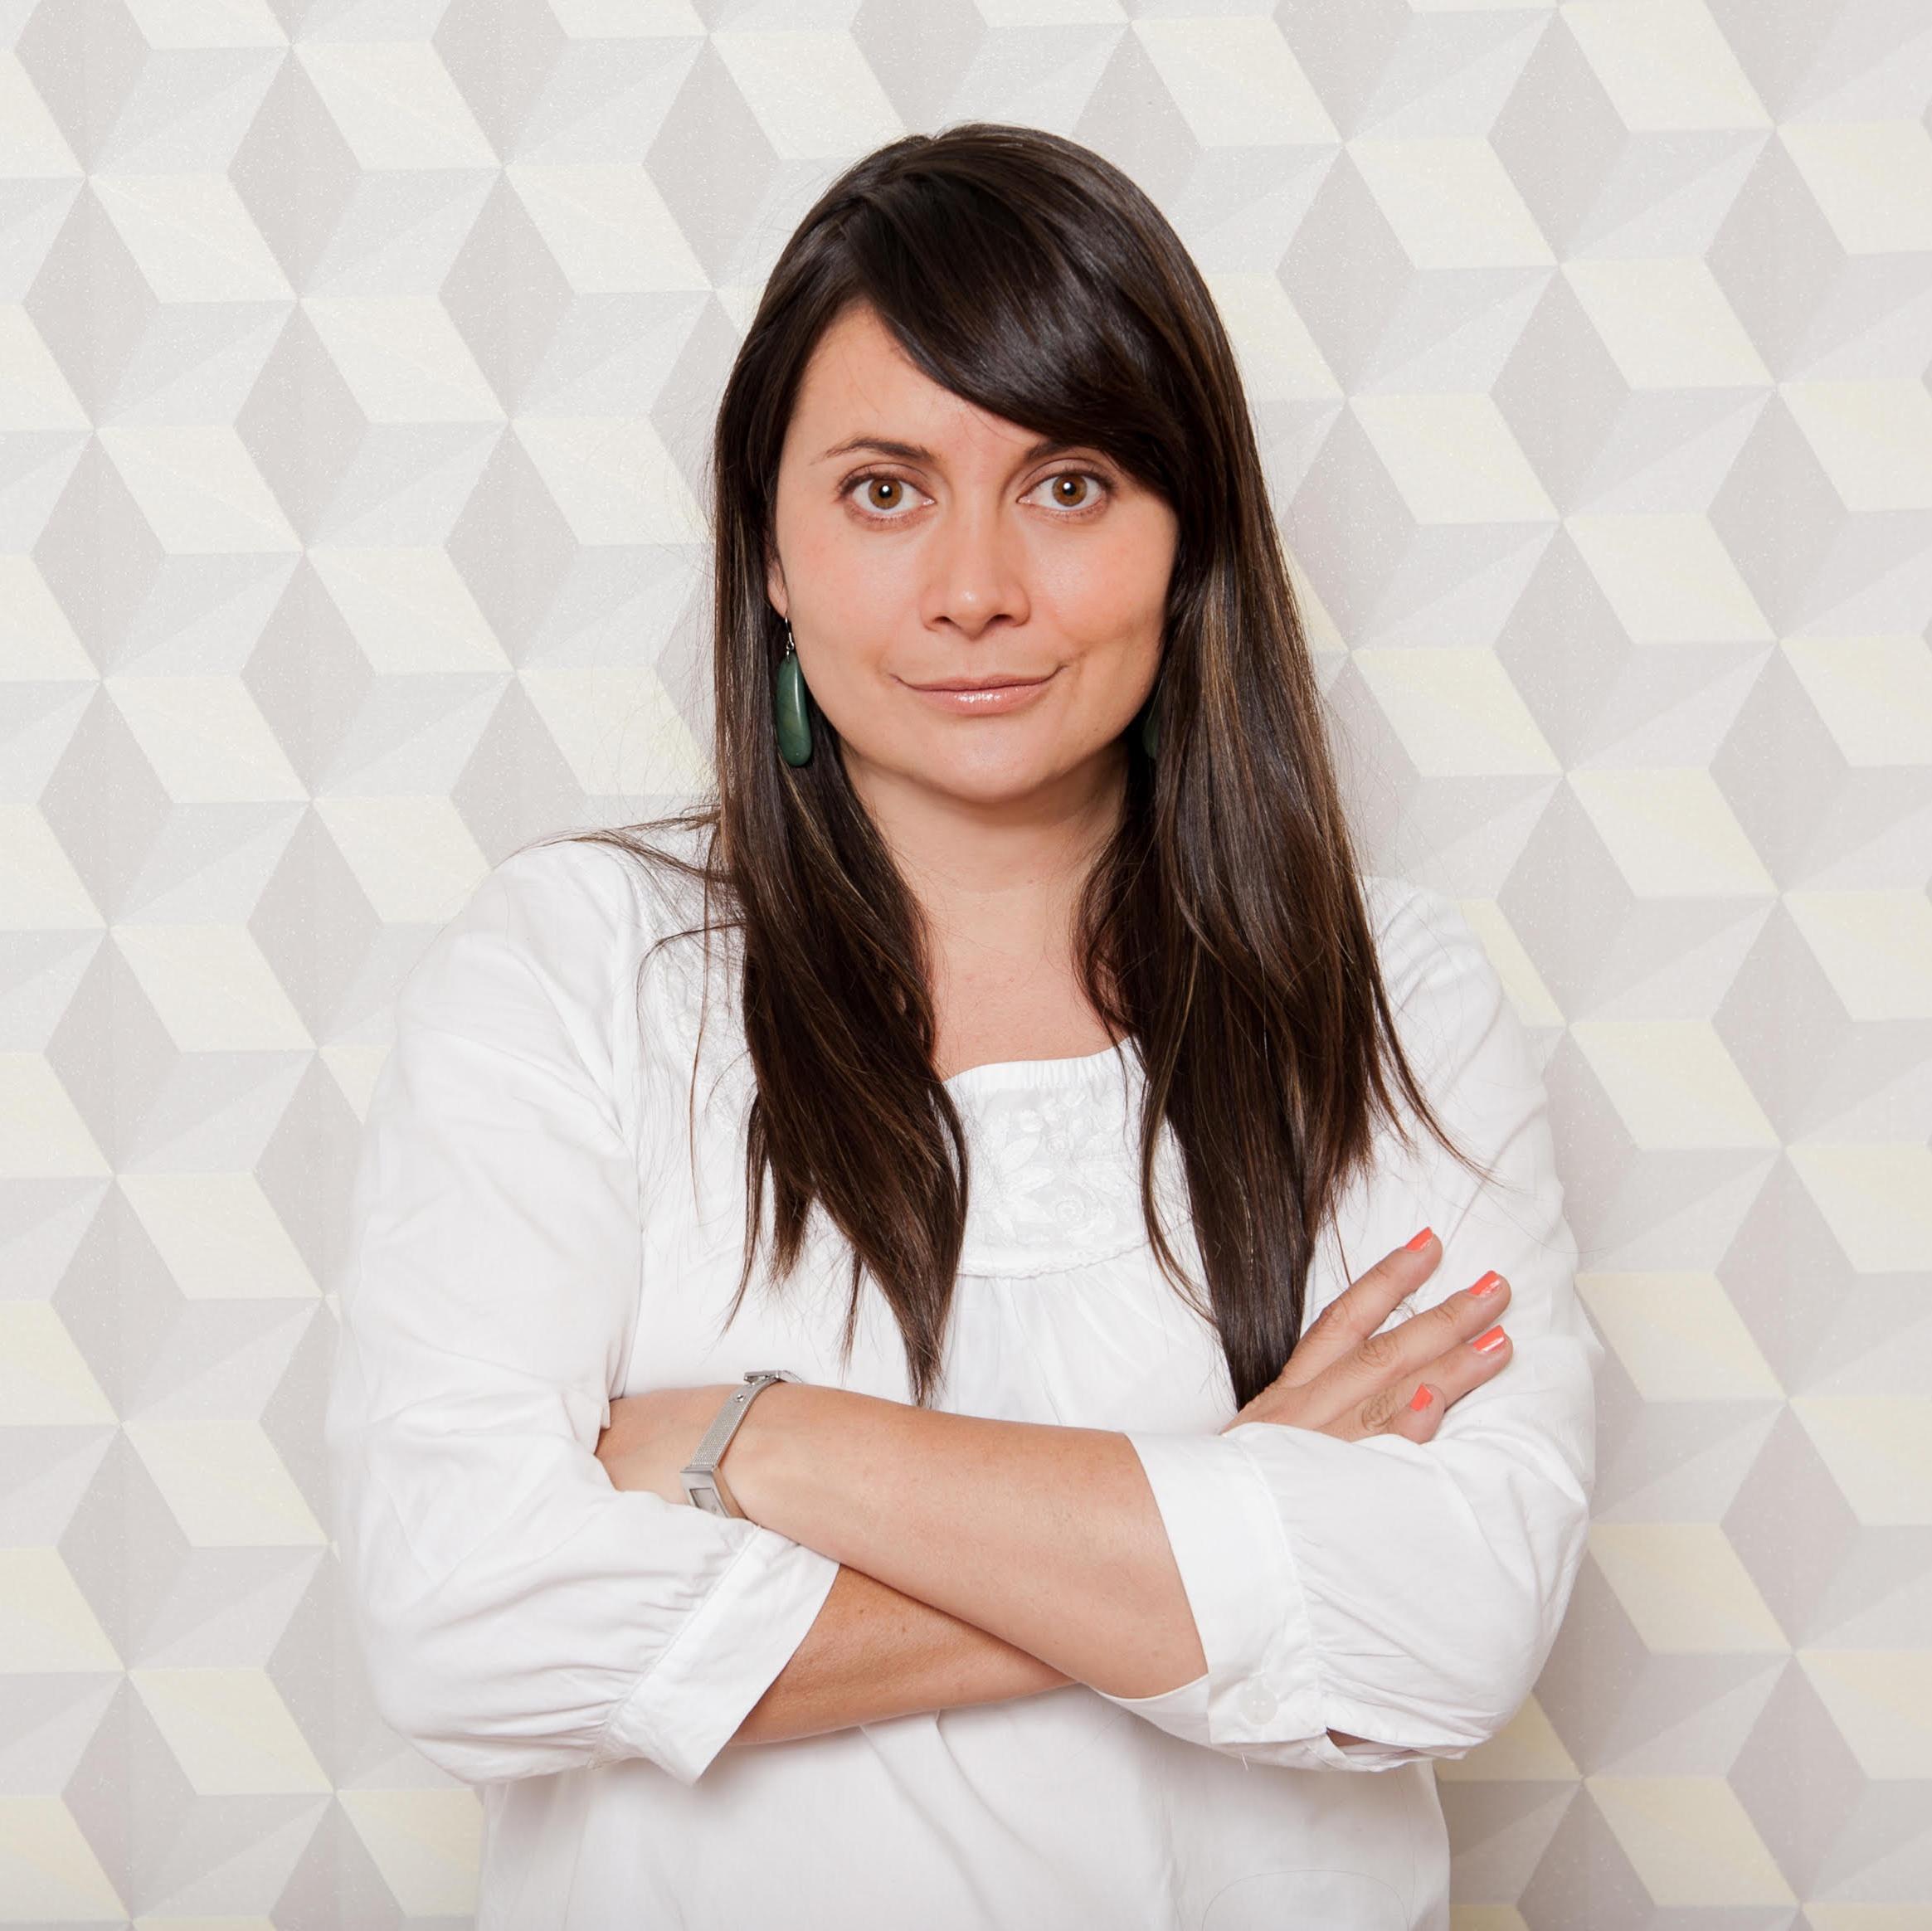 Michelle Arevalo-Carpenter